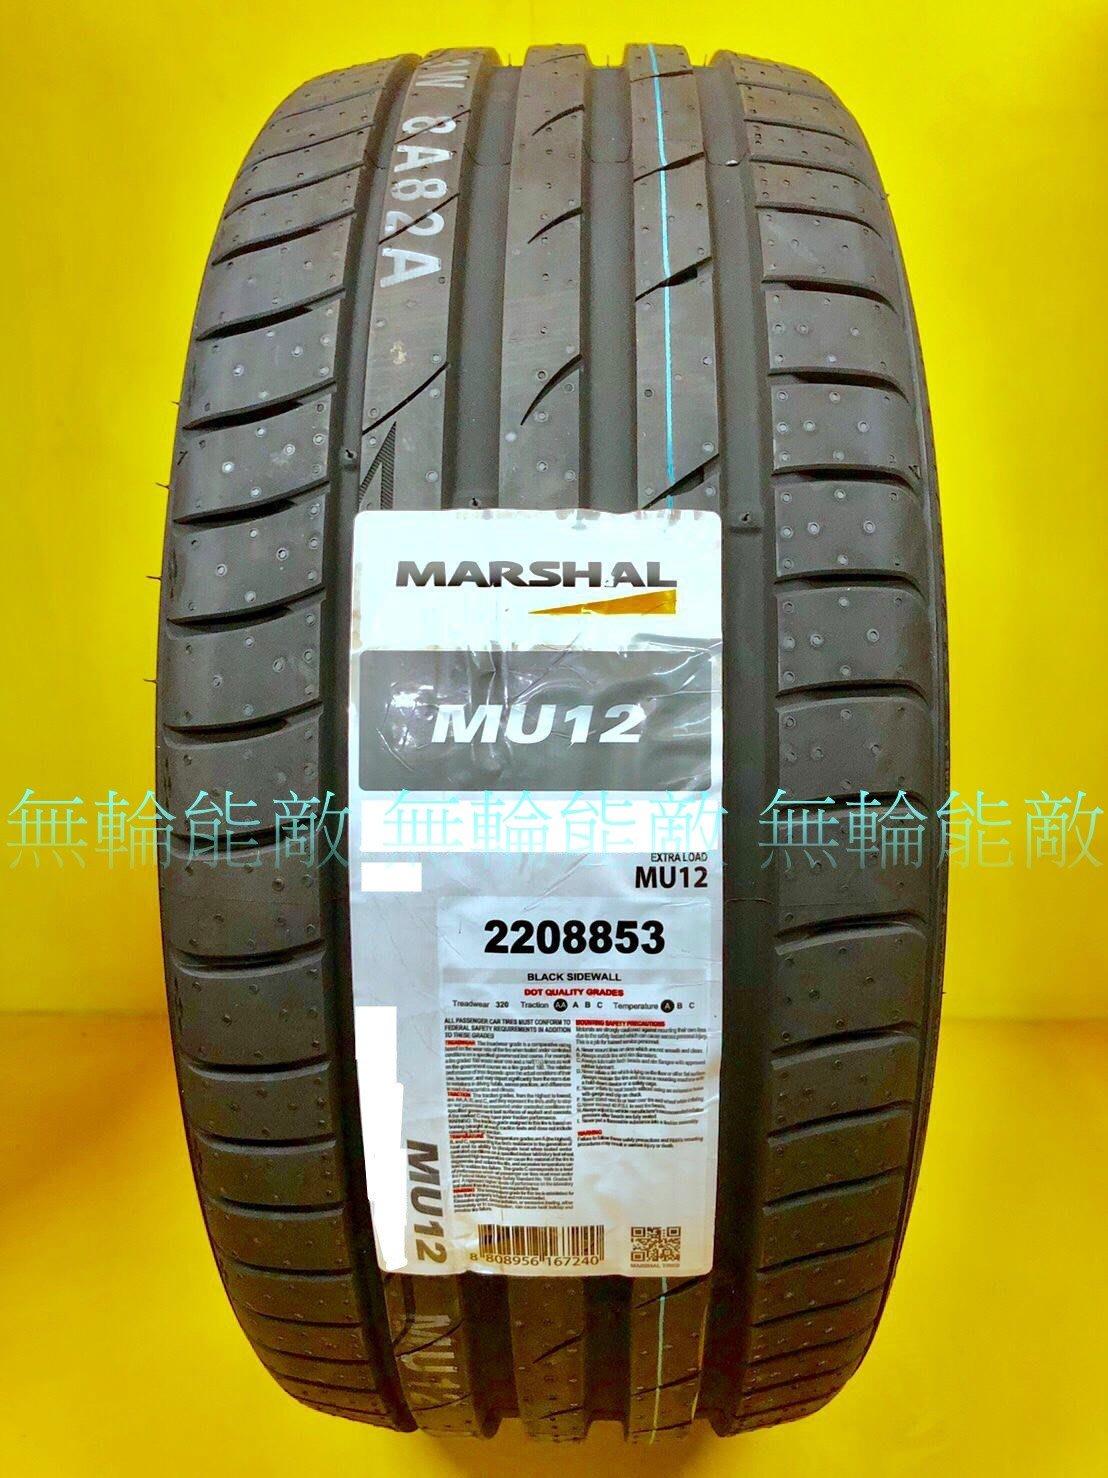 全新輪胎 韓國MARSHAL輪胎 MU12 235/45-17 性能街胎 錦湖代工